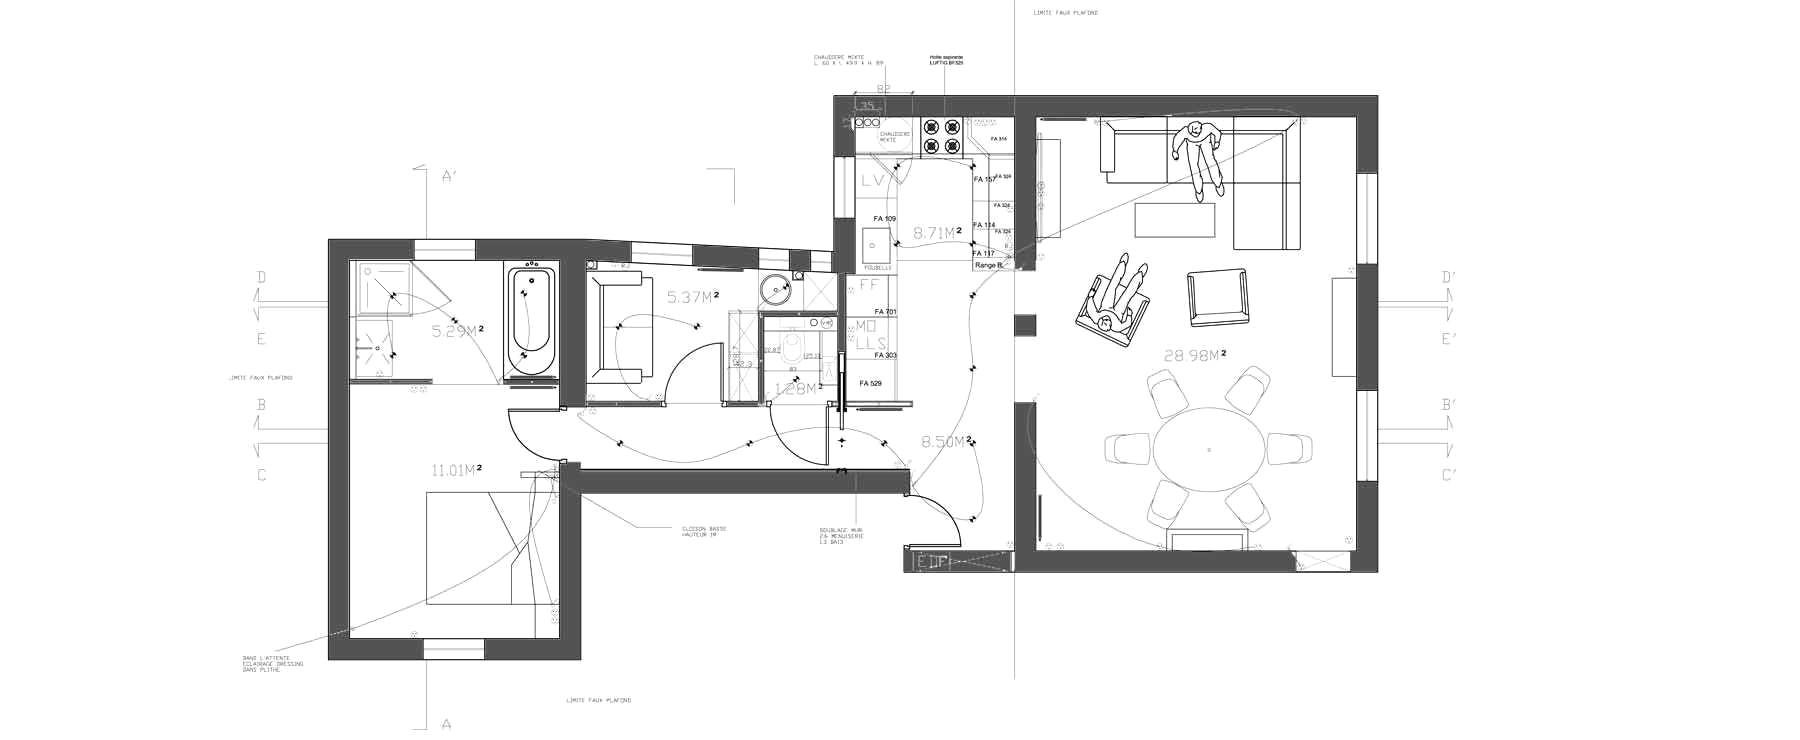 Suite Parentale Avec Salle De Bain Et Dressing Plan Impressionnant Photos Amenagement Chambre Parentale Avec Salle Bain Plan Suite Parentale